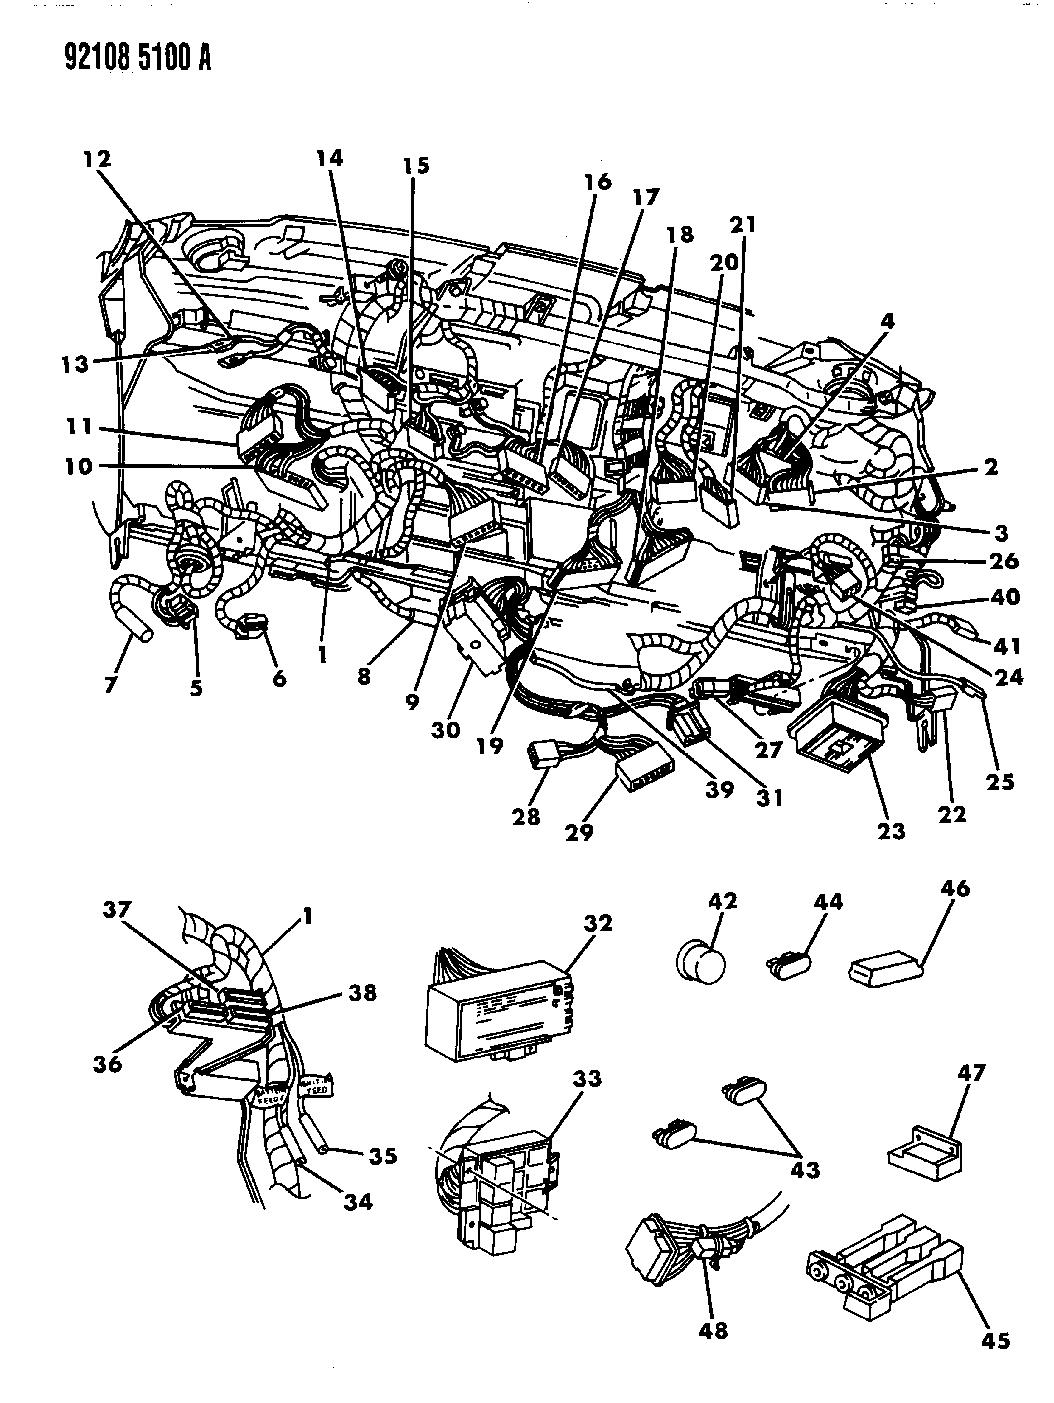 1992 dodge caravan wiring - instrument panel